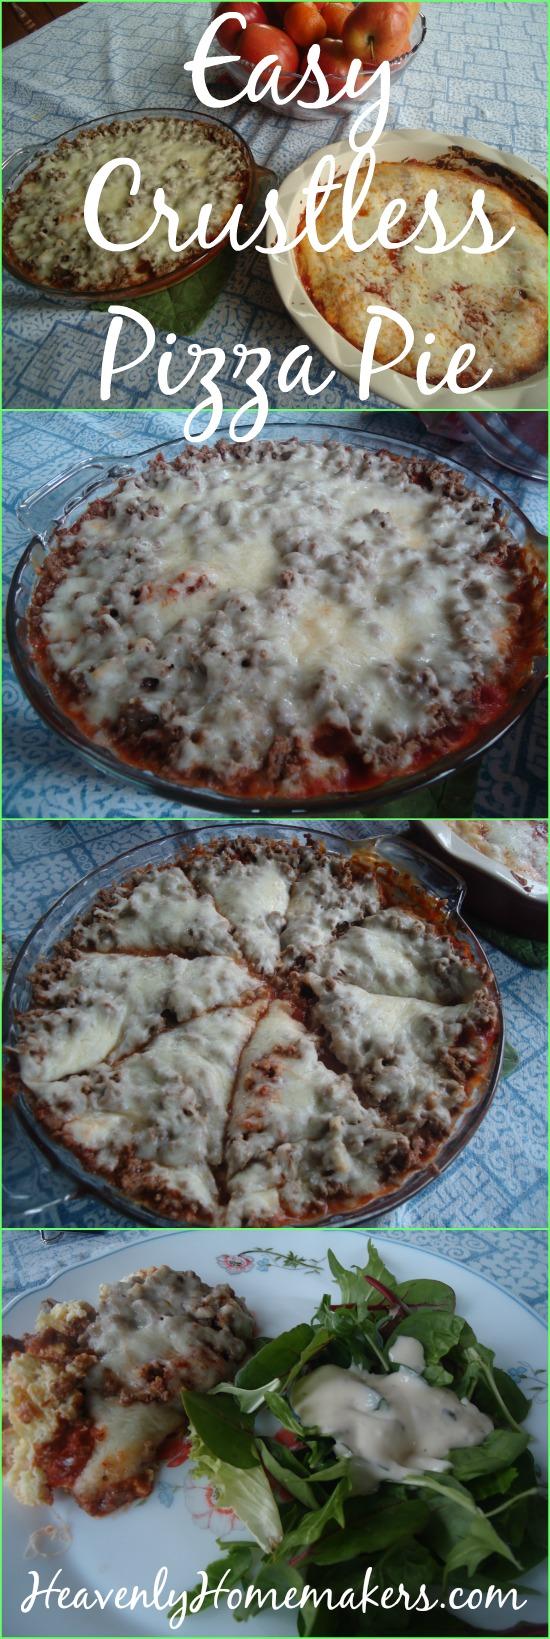 Easy Crustless Pizza Pie